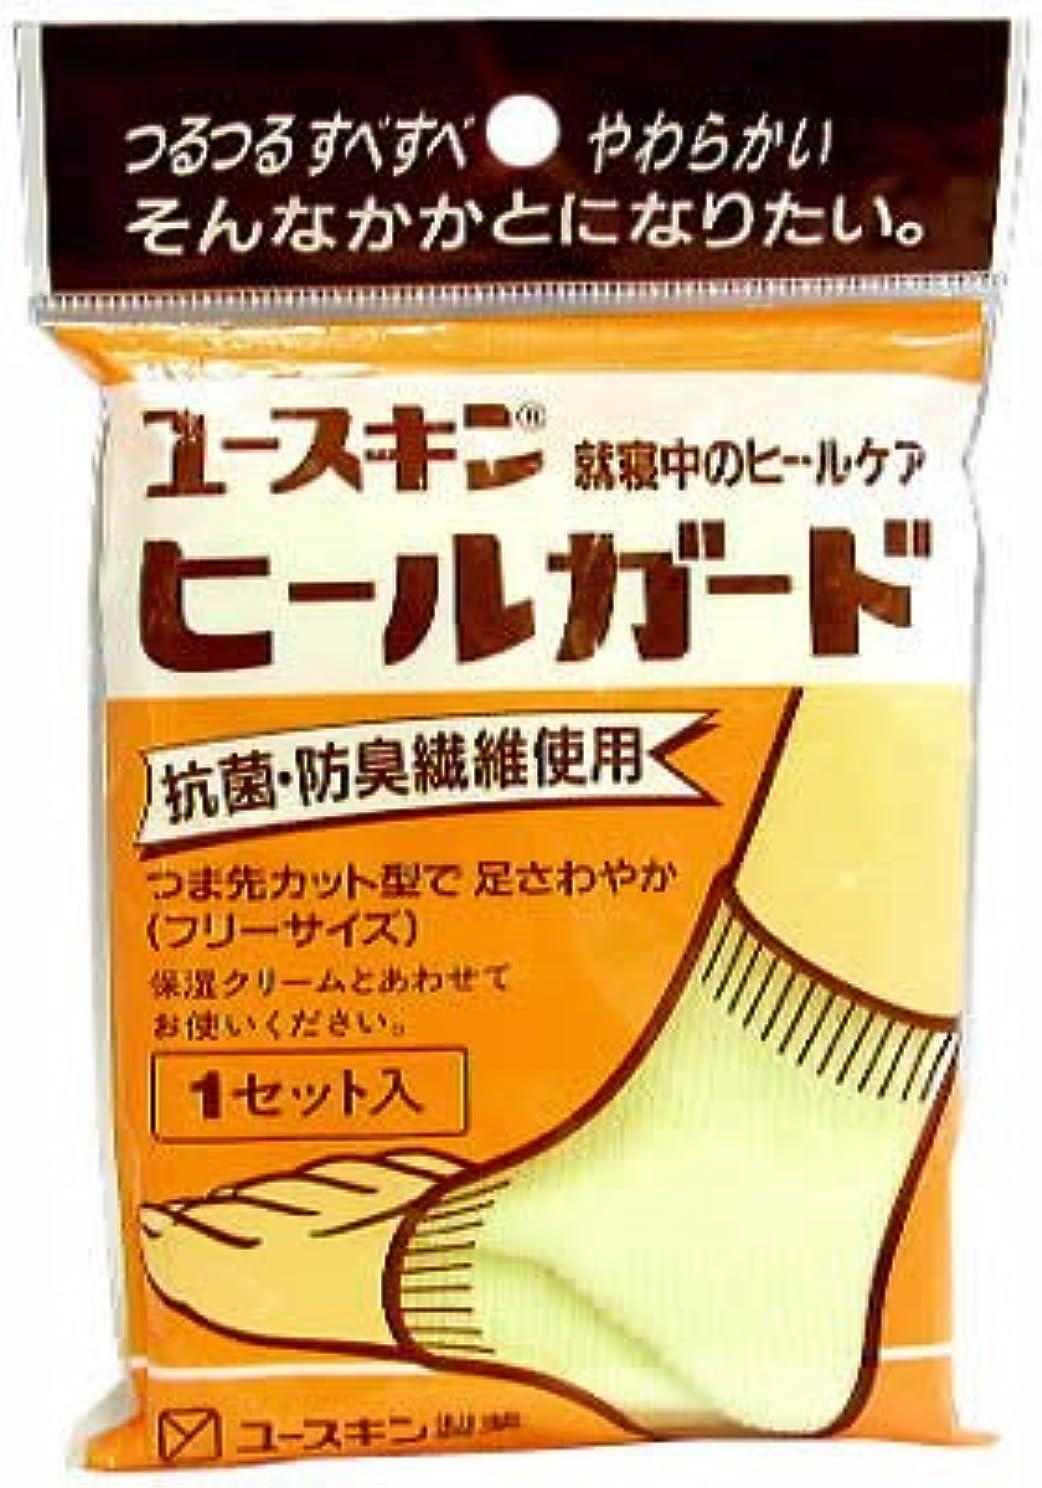 アナリスト五月神ユースキン ヒールガード 1組(2枚) (かかと専用靴下)